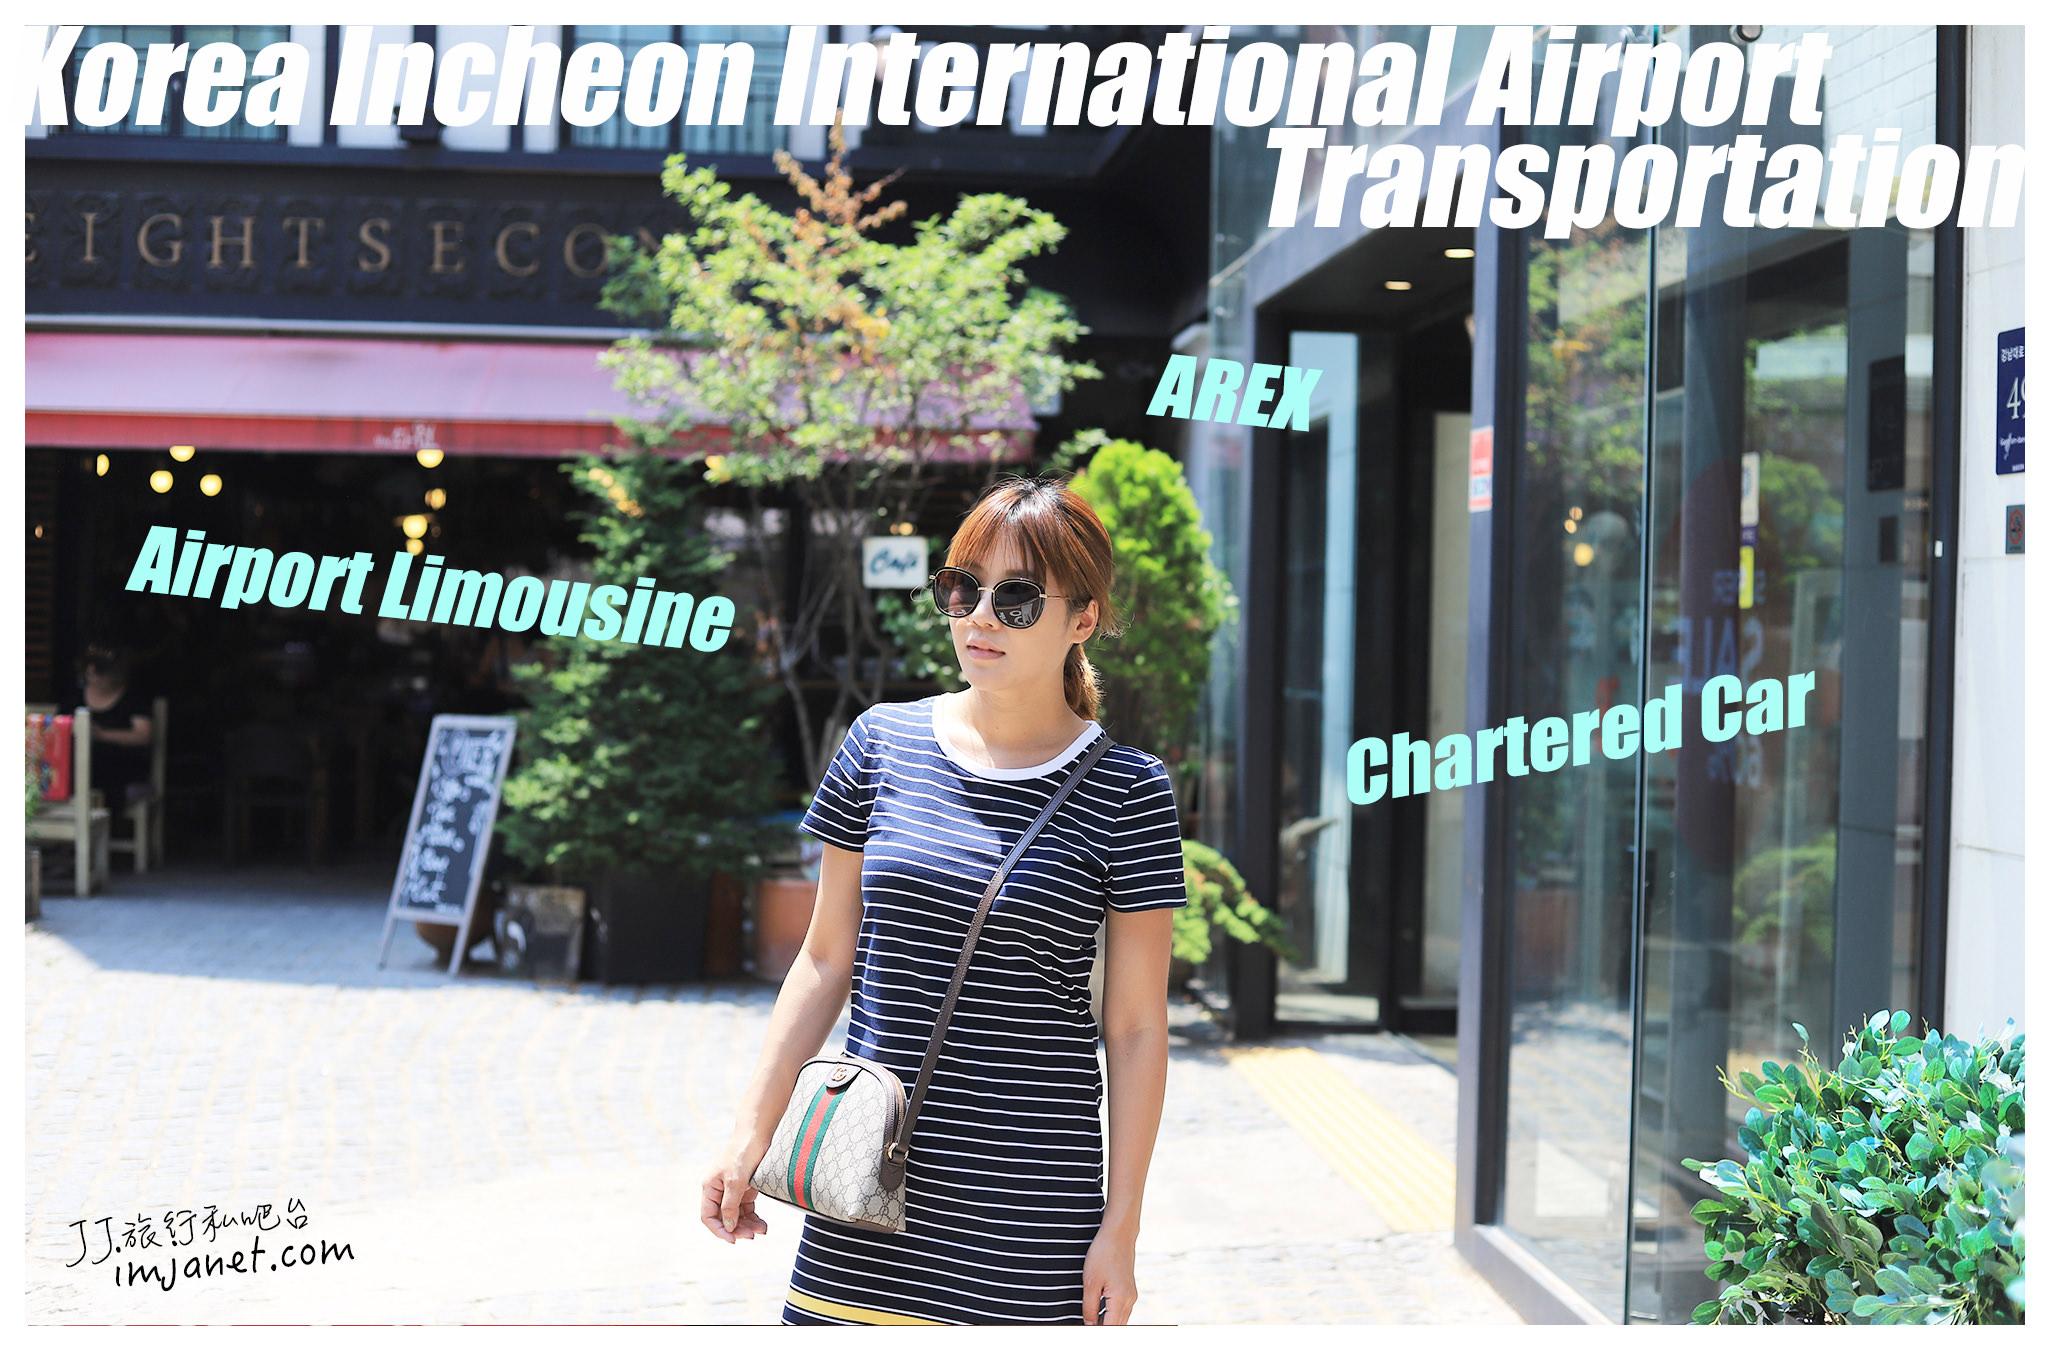 首爾|仁川機場到市區交通方式整理:機場快線AREX、機場巴士、包車